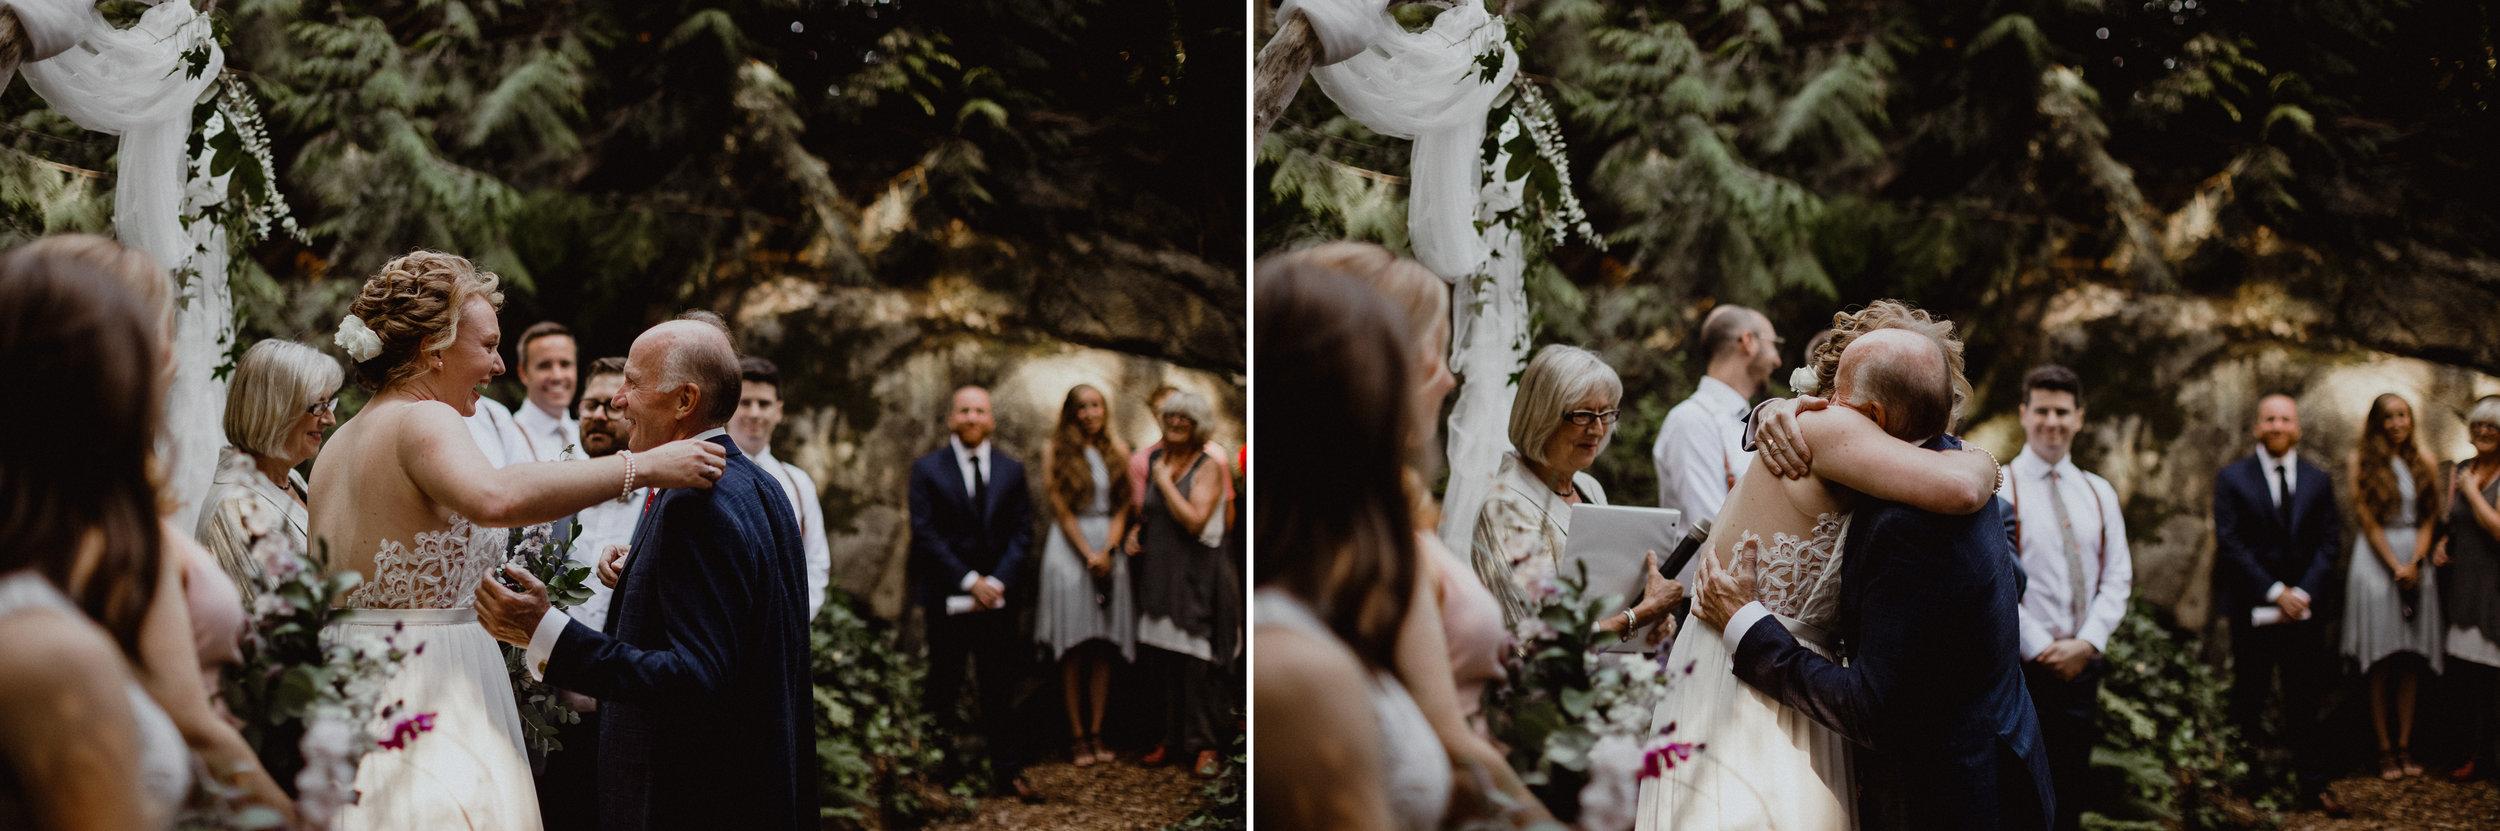 west-vancouver-backyard-wedding-93.jpg